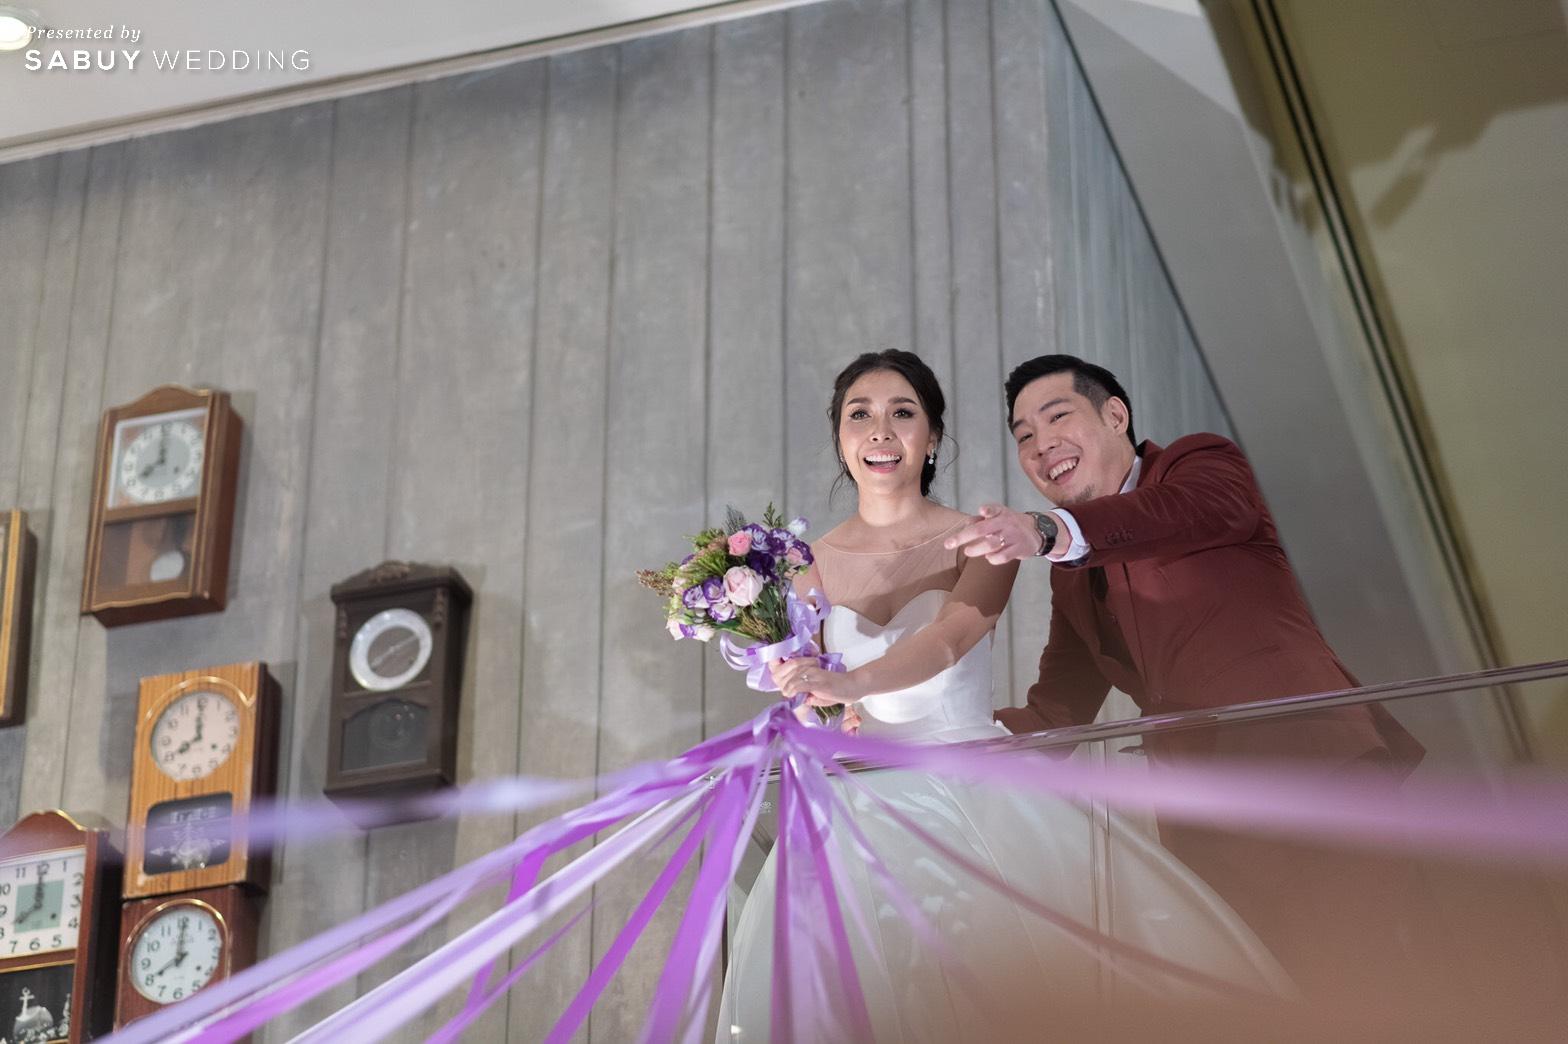 โรงแรม,สถานที่แต่งงาน,ชุดแต่งงาน,ช่อดอกไม้,ริบบิ้น,foyer รีวิวงานแต่ง Minimal in Lavender เก๋ไม่ซ้ำใครสไตล์ Go Green @ SO/BANGKOK